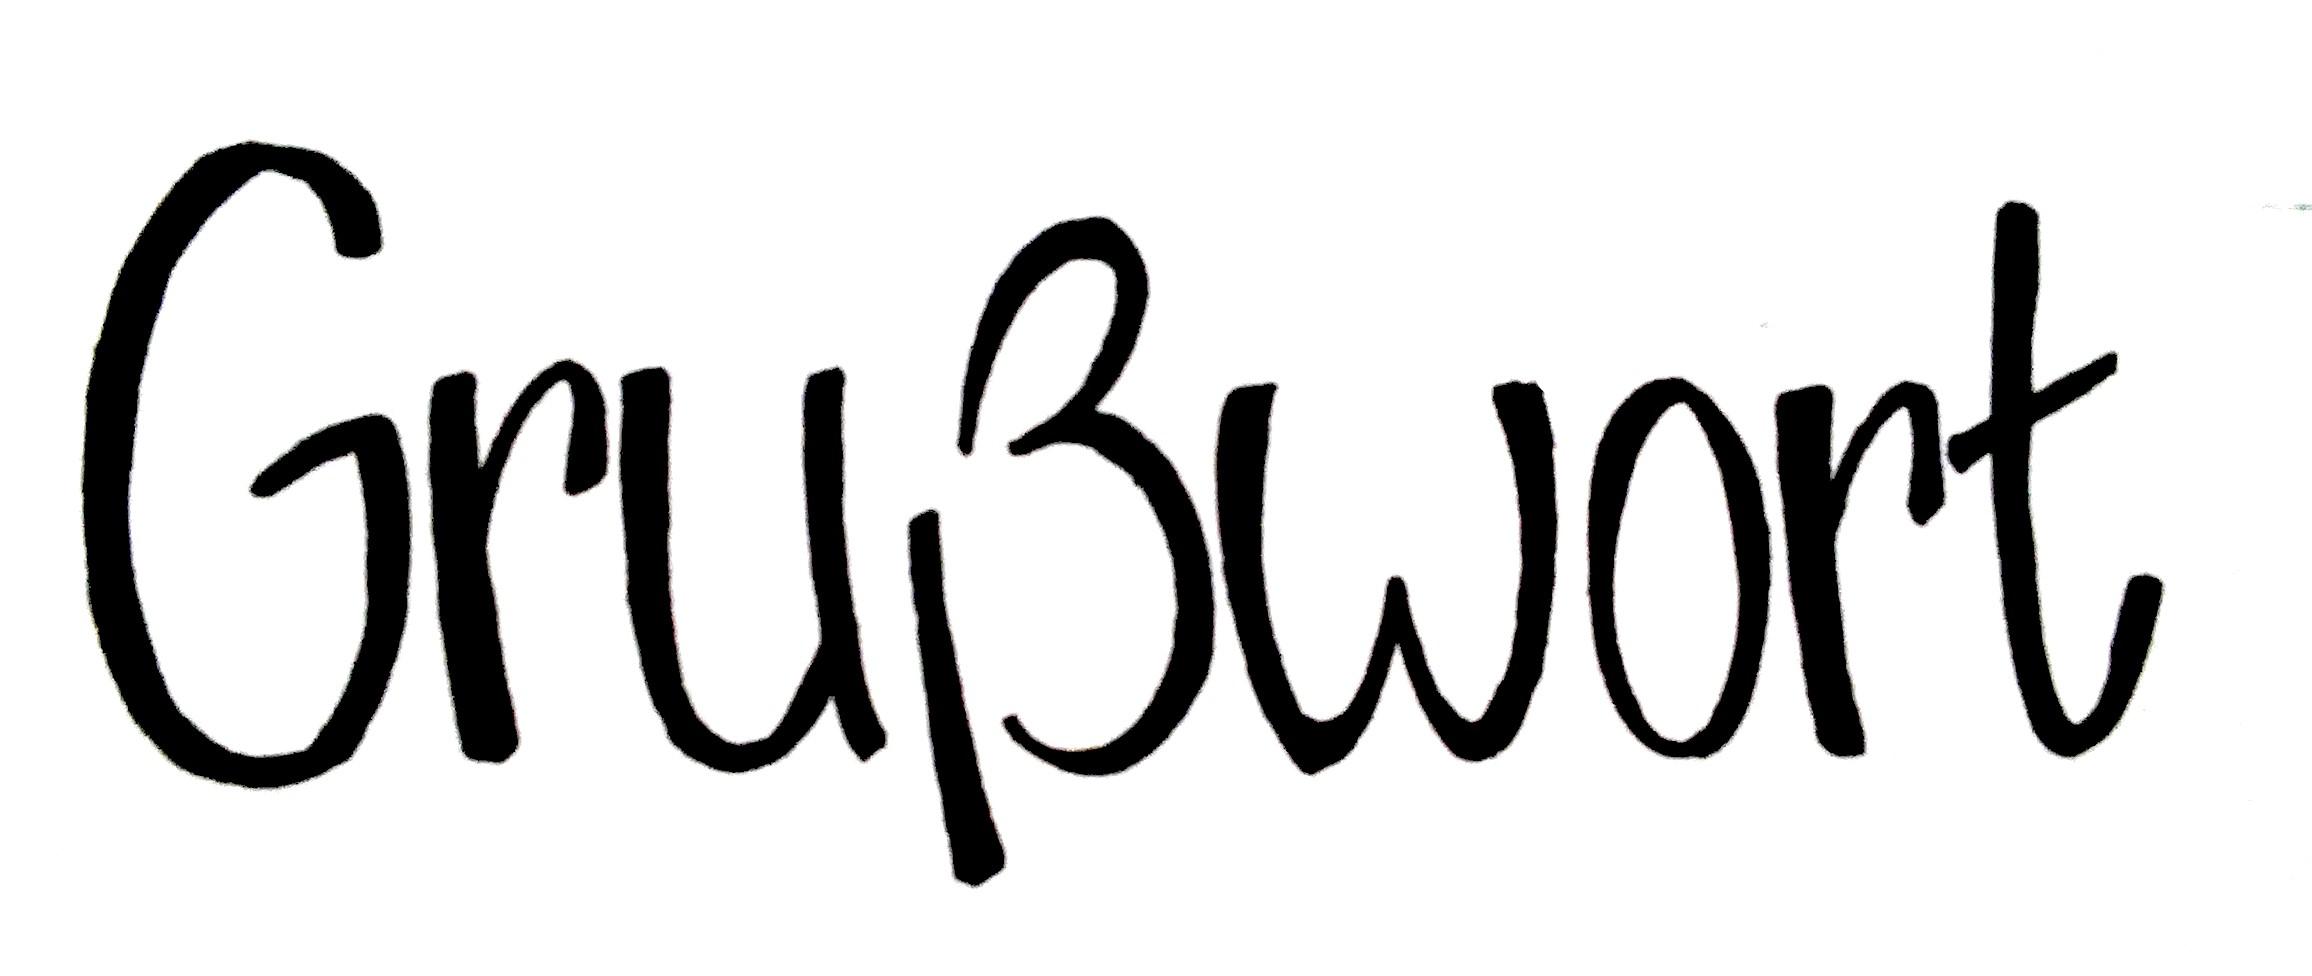 Grußwort